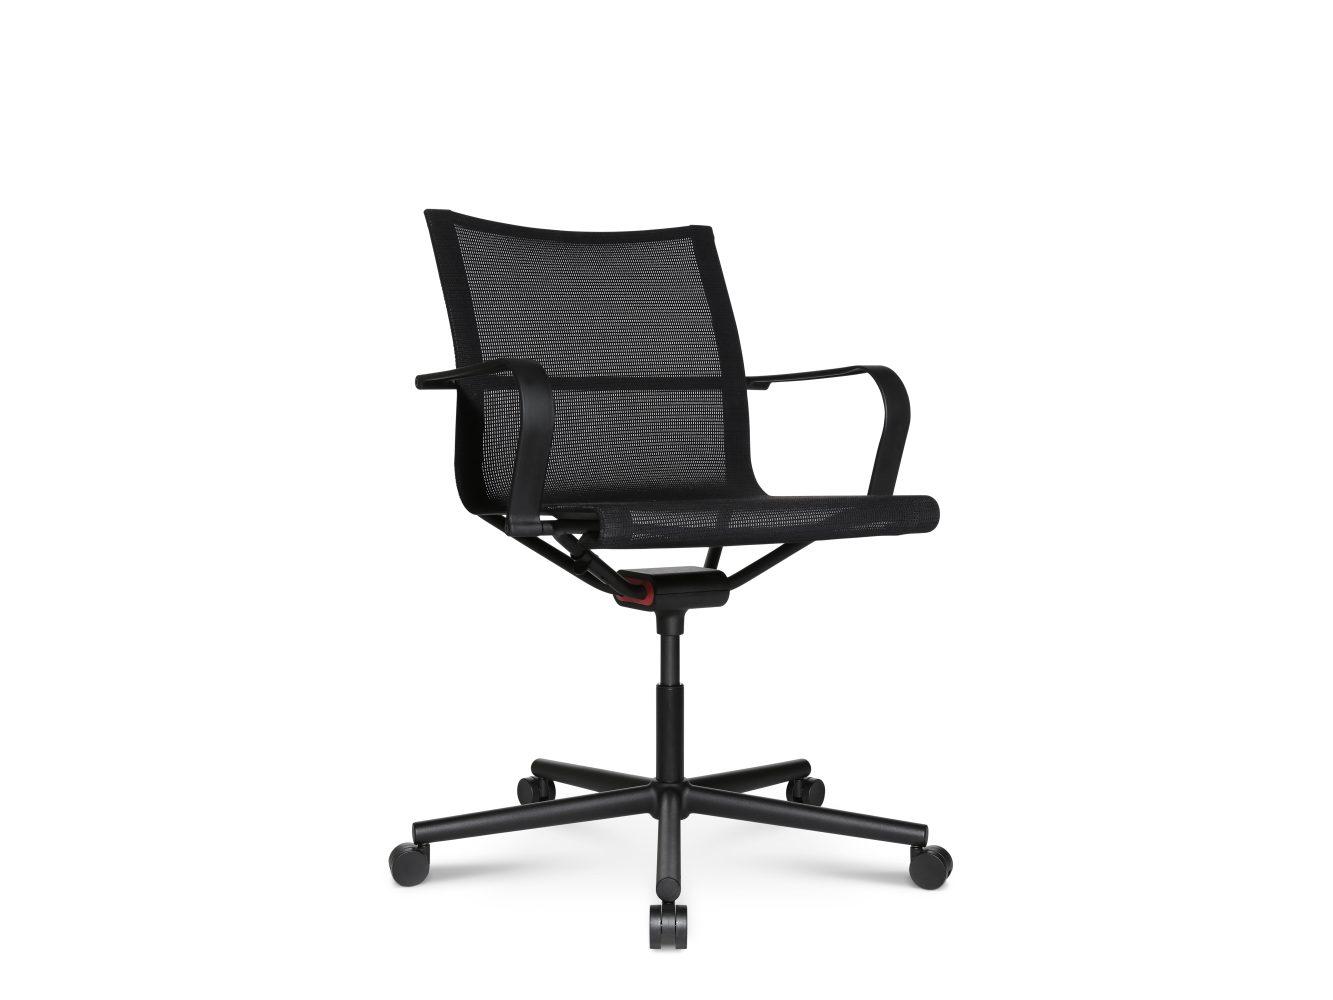 d1-office-produktbld 4